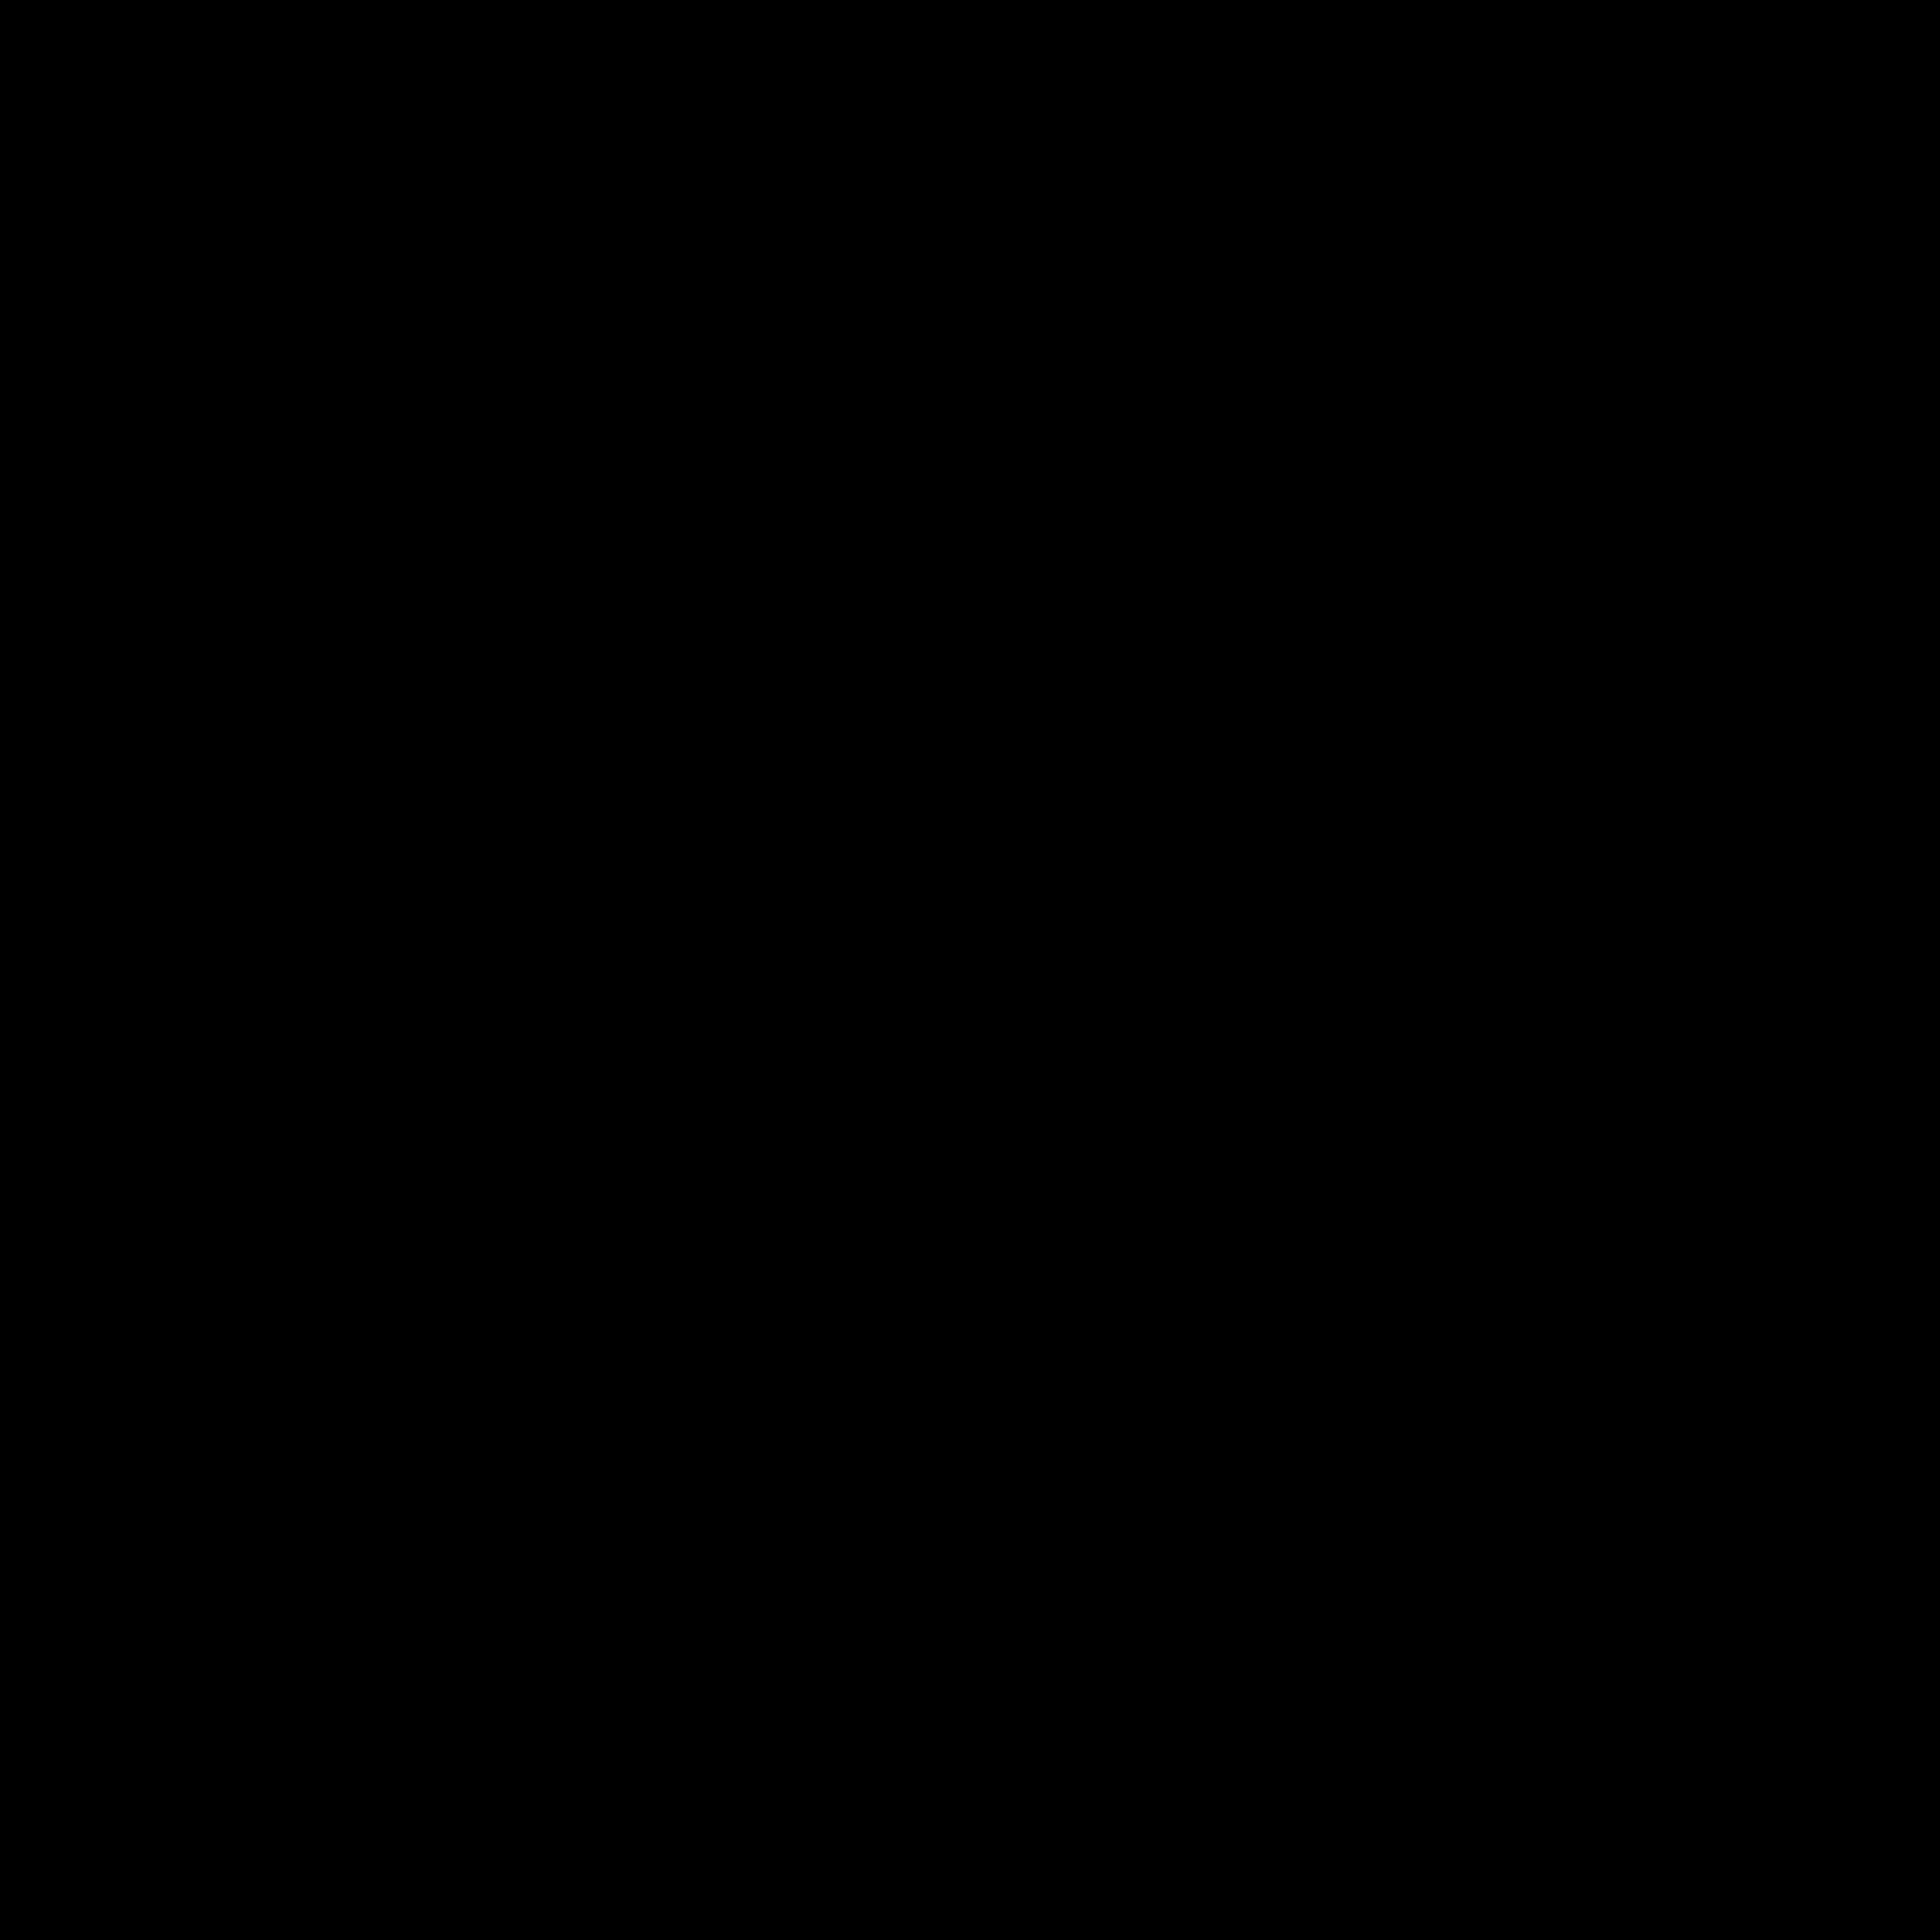 Nordstrom-2-logo-png-transparent.png